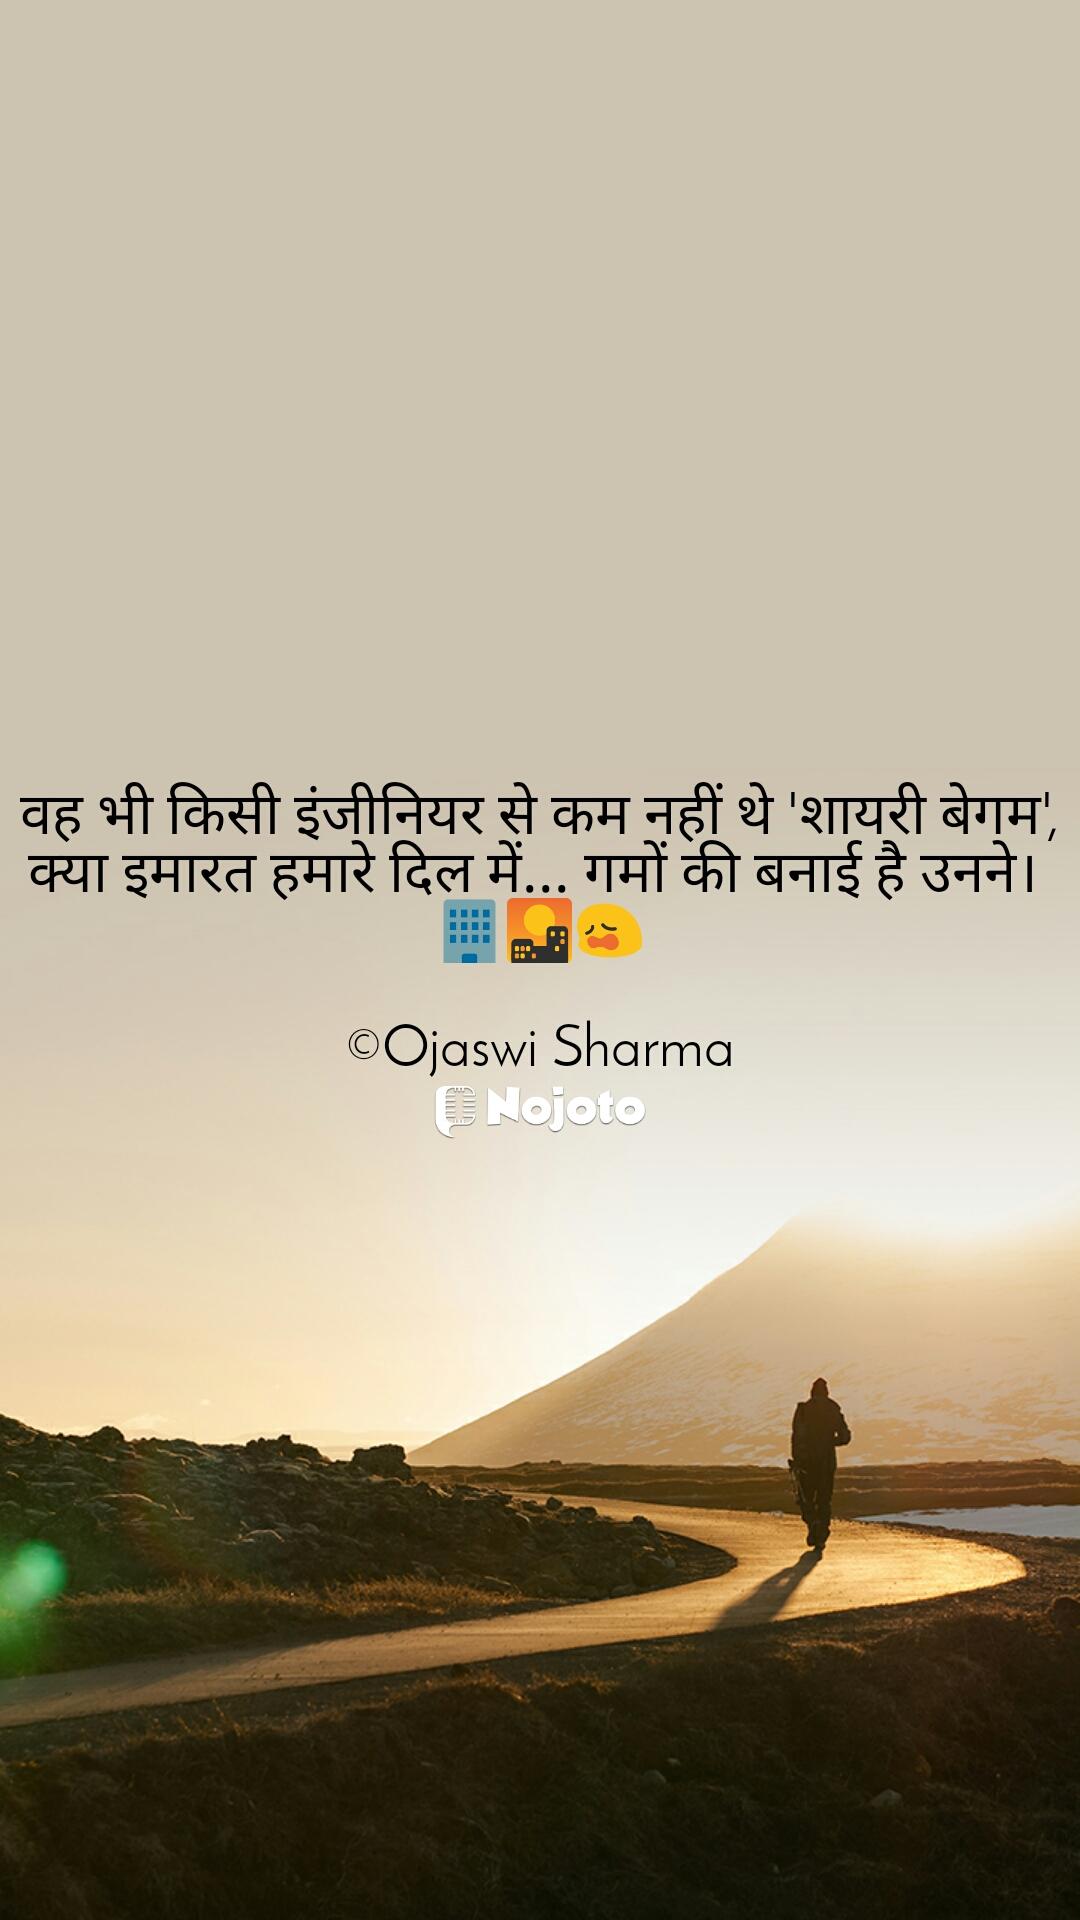 वह भी किसी इंजीनियर से कम नहीं थे 'शायरी बेगम', क्या इमारत हमारे दिल में... गमों की बनाई है उनने।  🏢🌇😩  ©Ojaswi Sharma